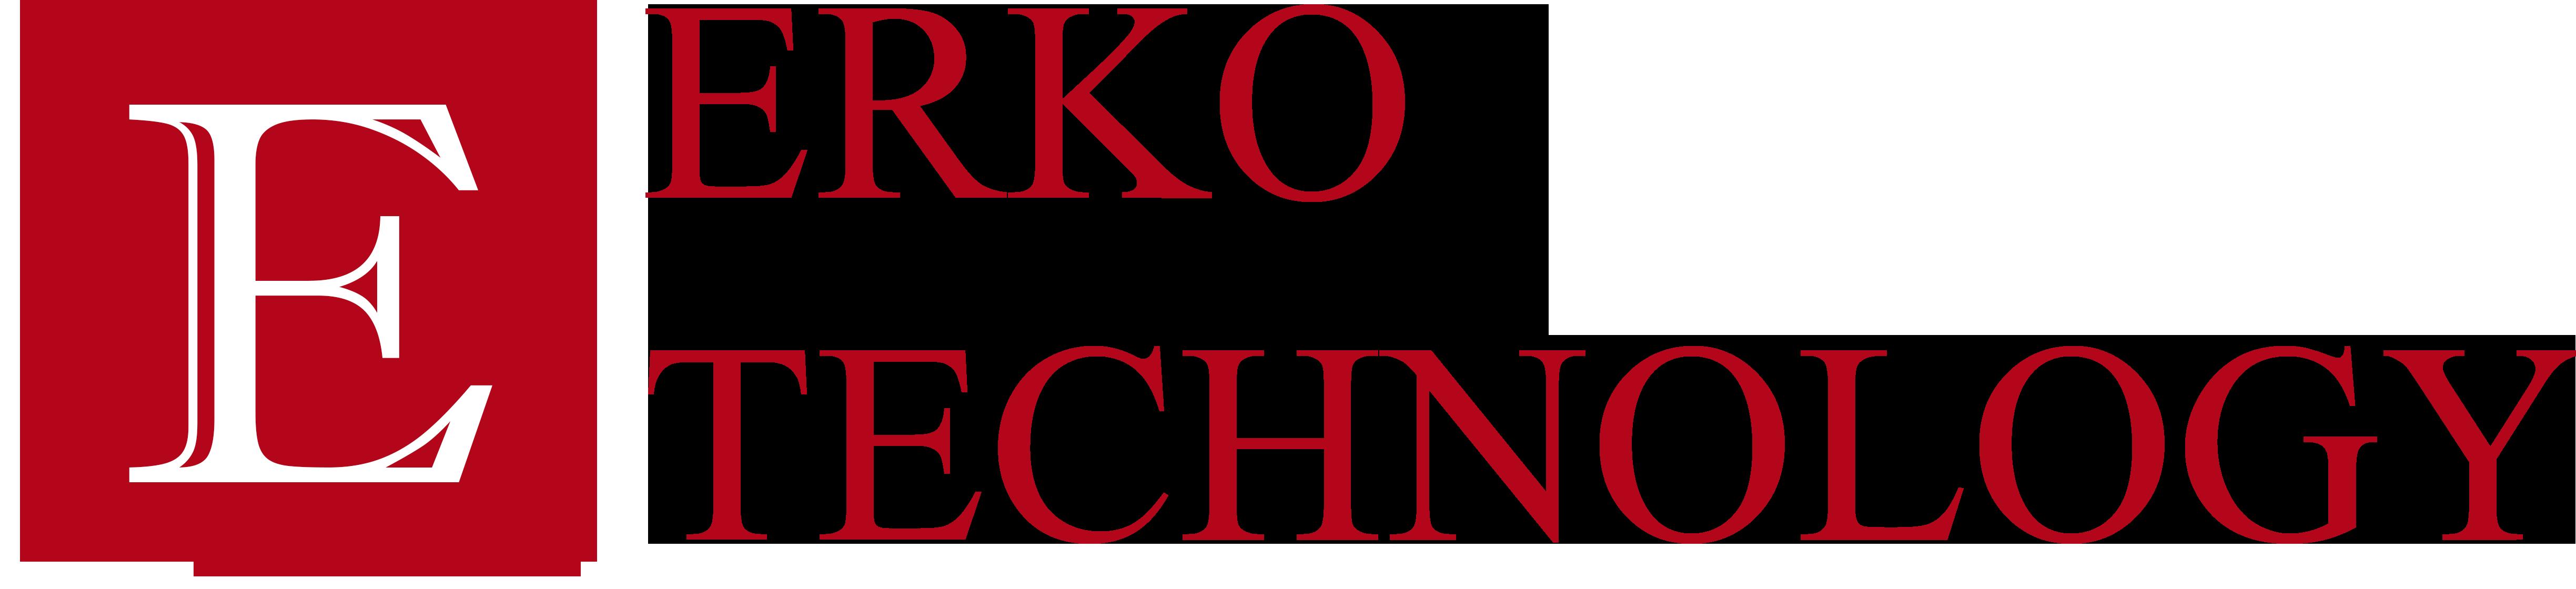 ERKO TECHNOLOGY LTD